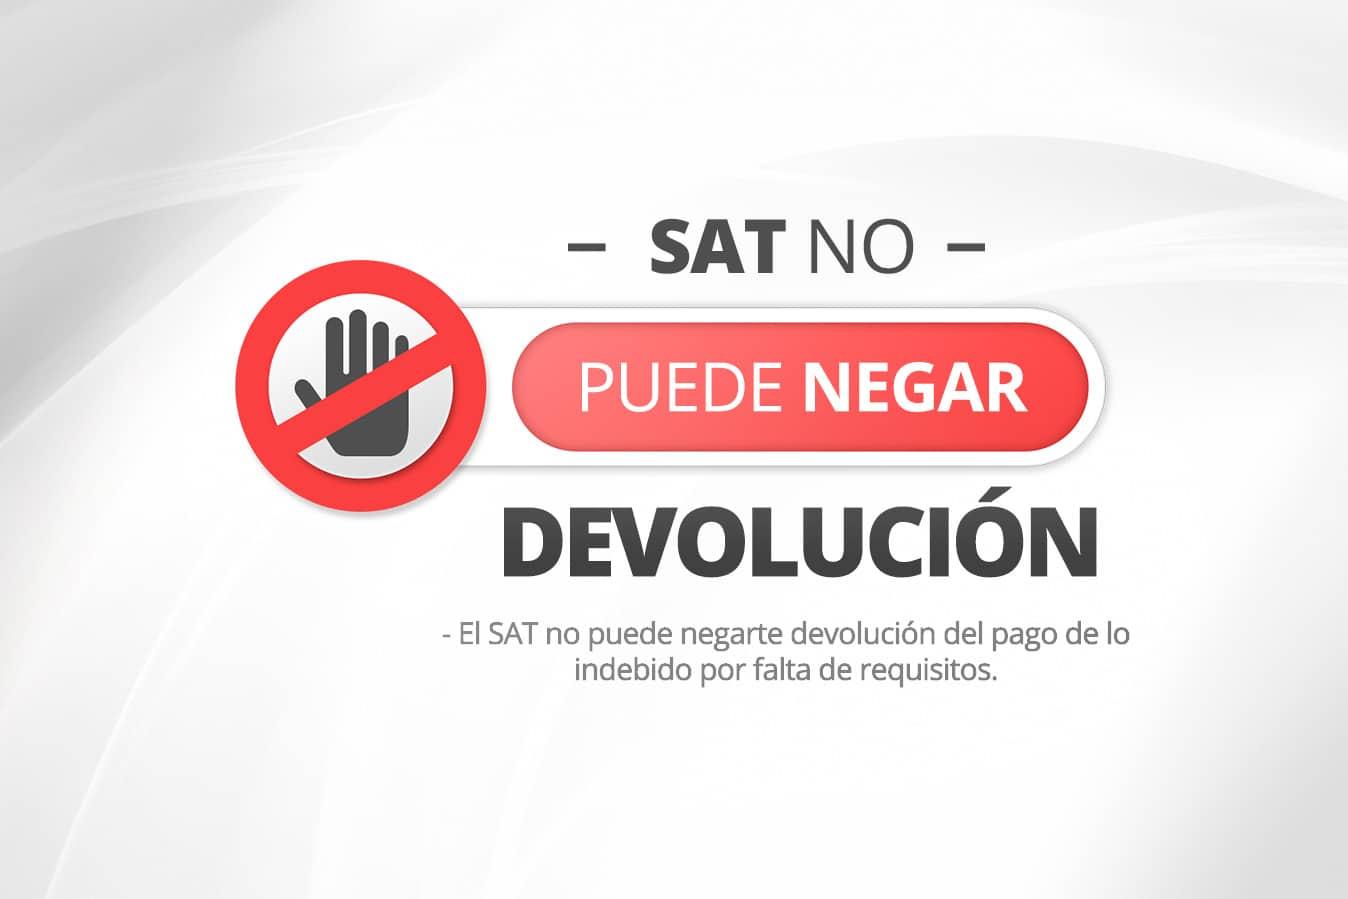 SAT NO PUEDE NEGAR DEVOLUCIÓN